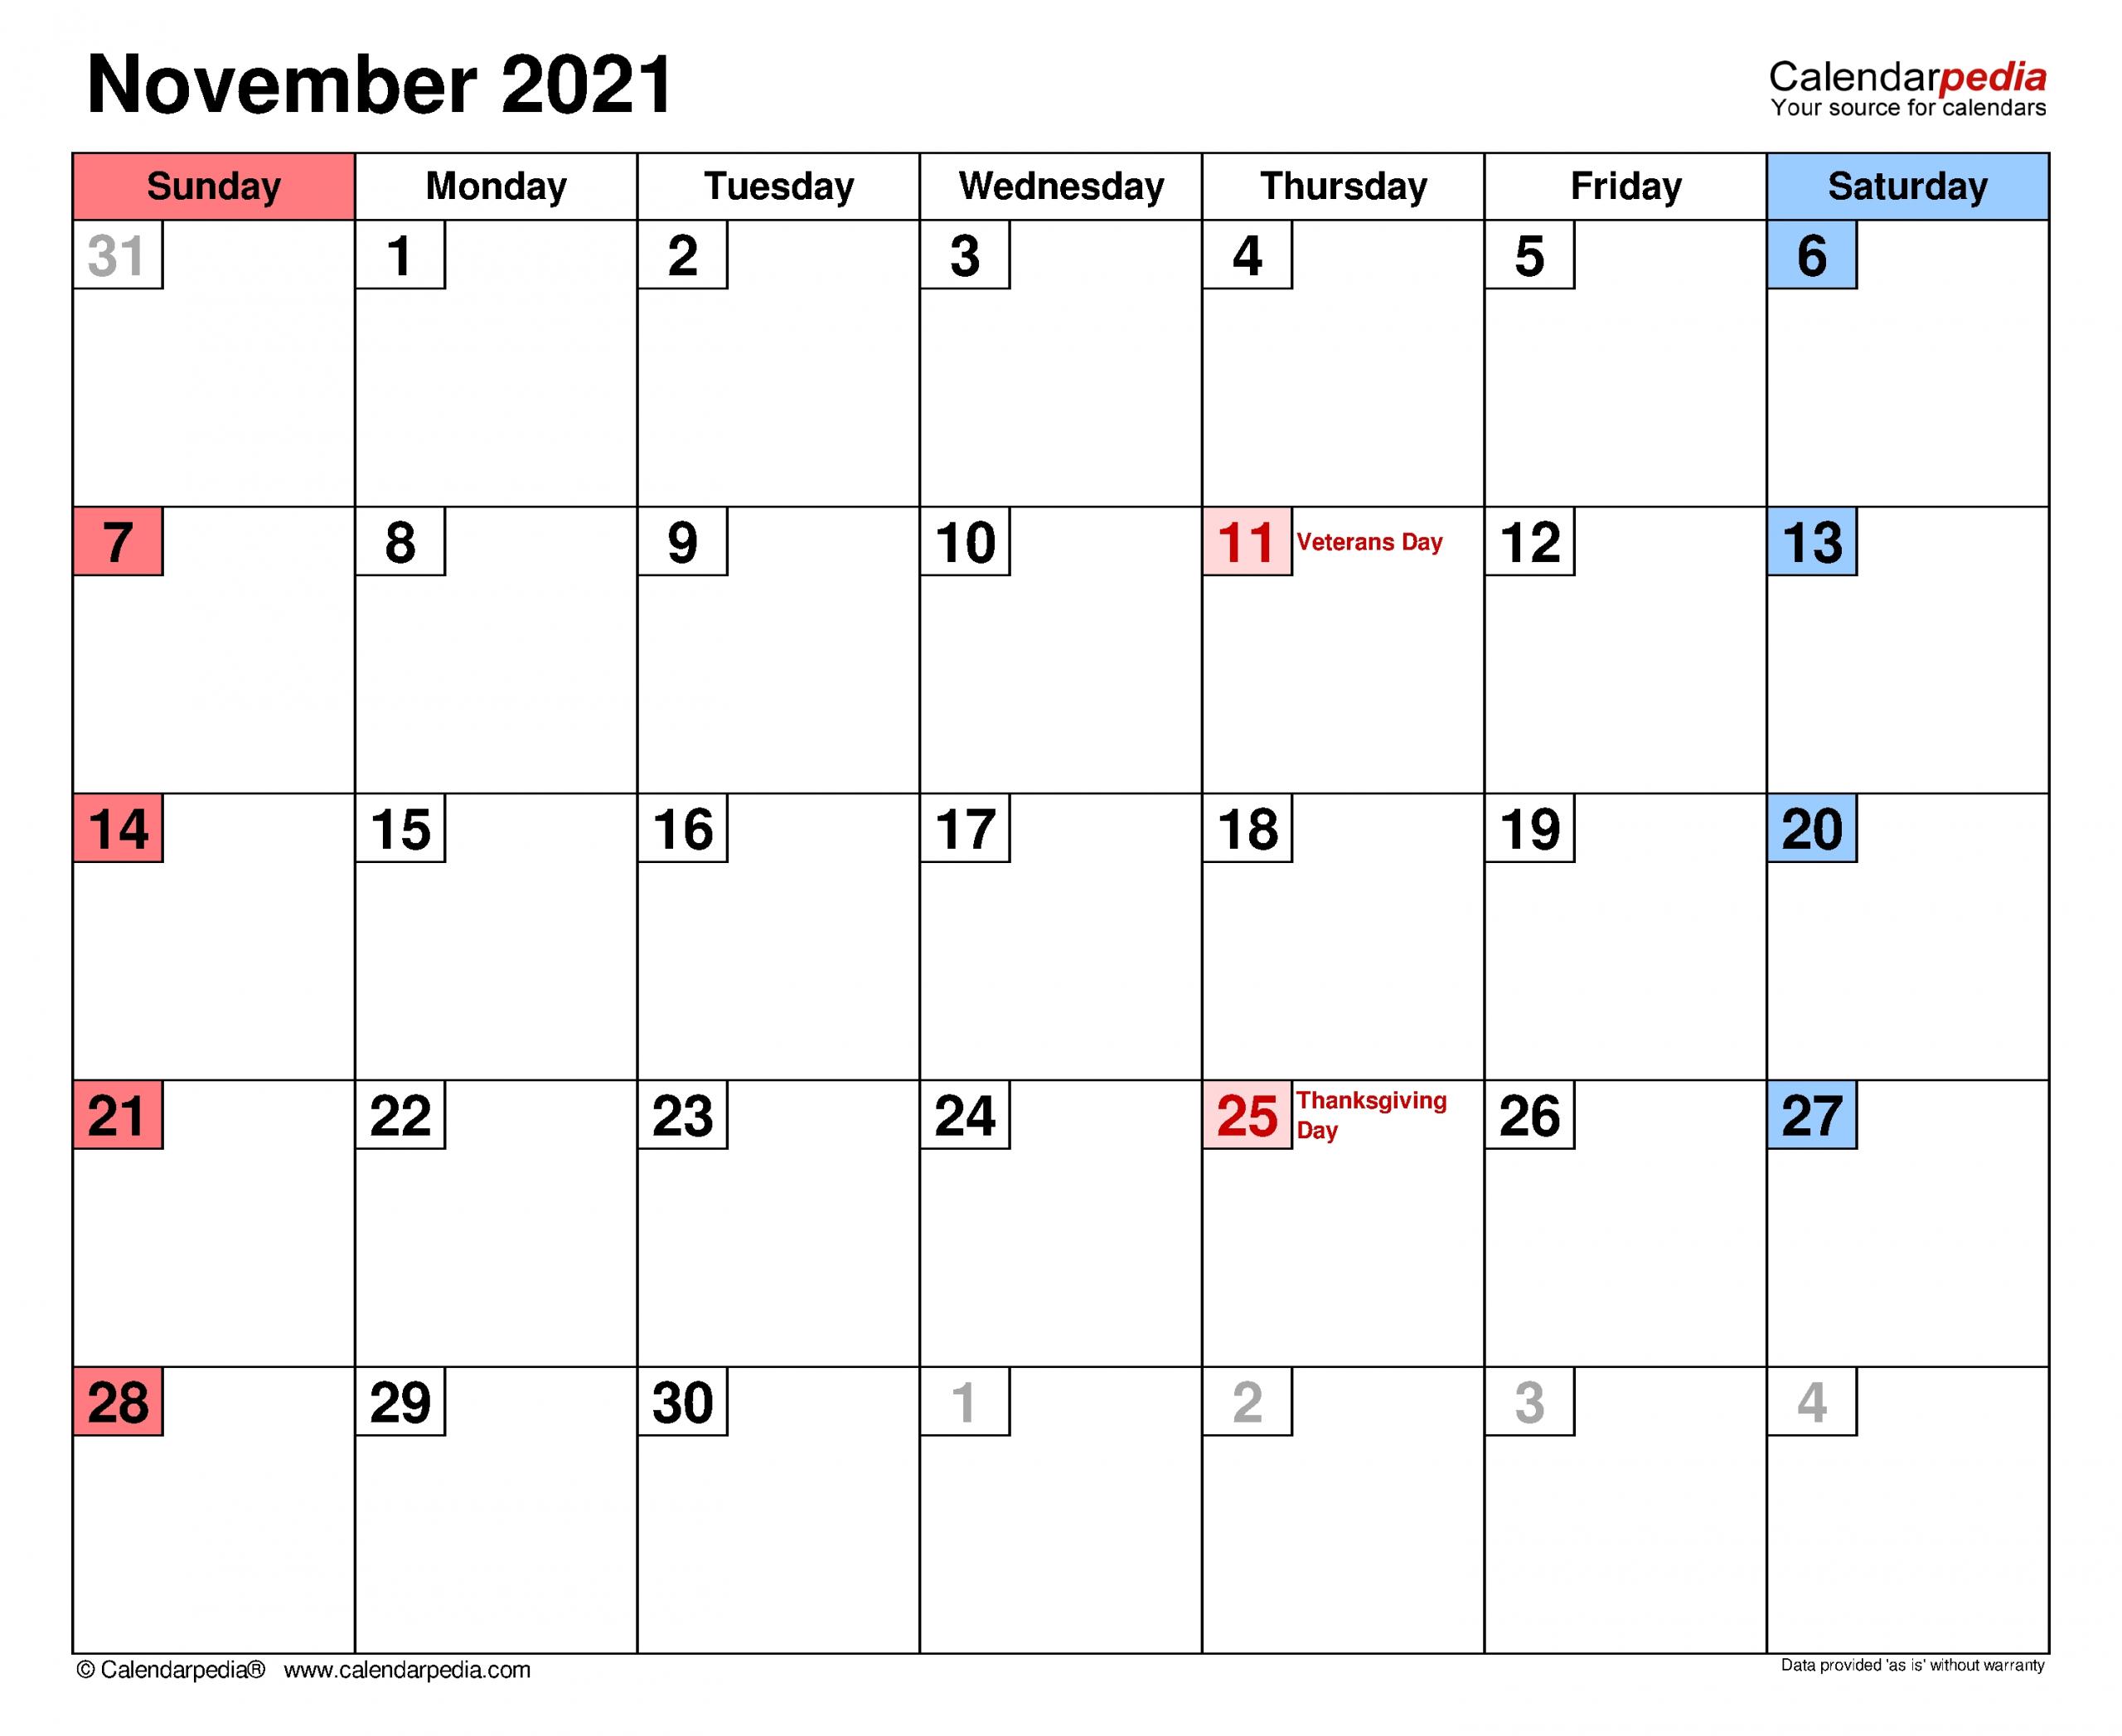 Collect November 2021 Calendar